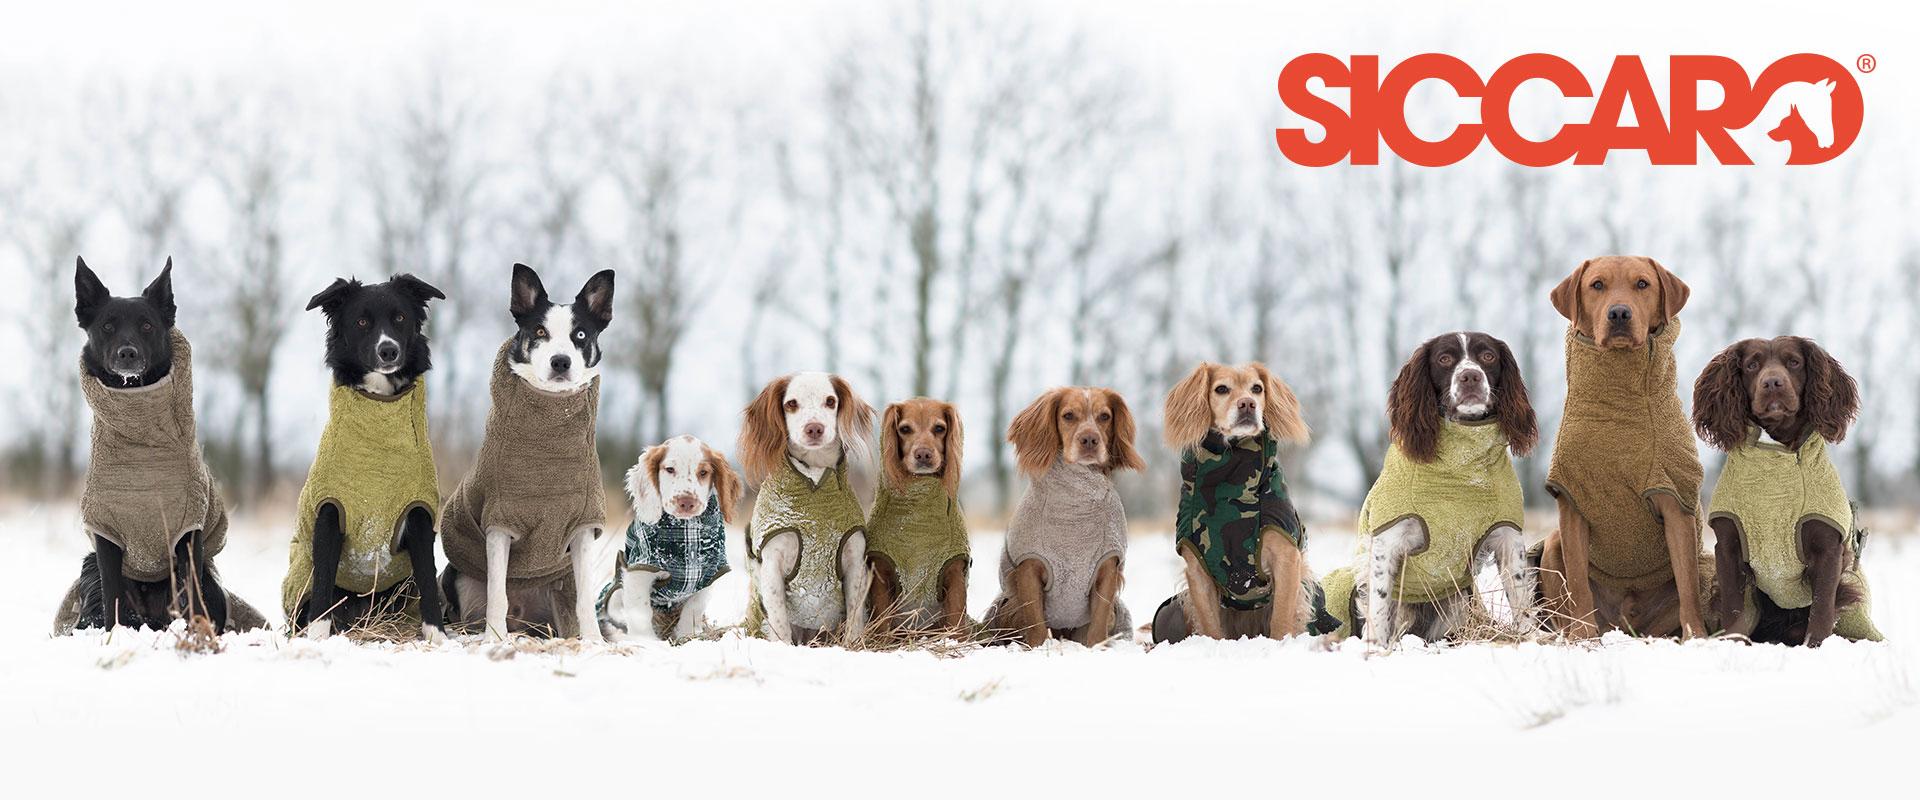 SICCARO Bademäntel, Hundemäntel und Trockenhandschuhe für Hunde, Bild 4